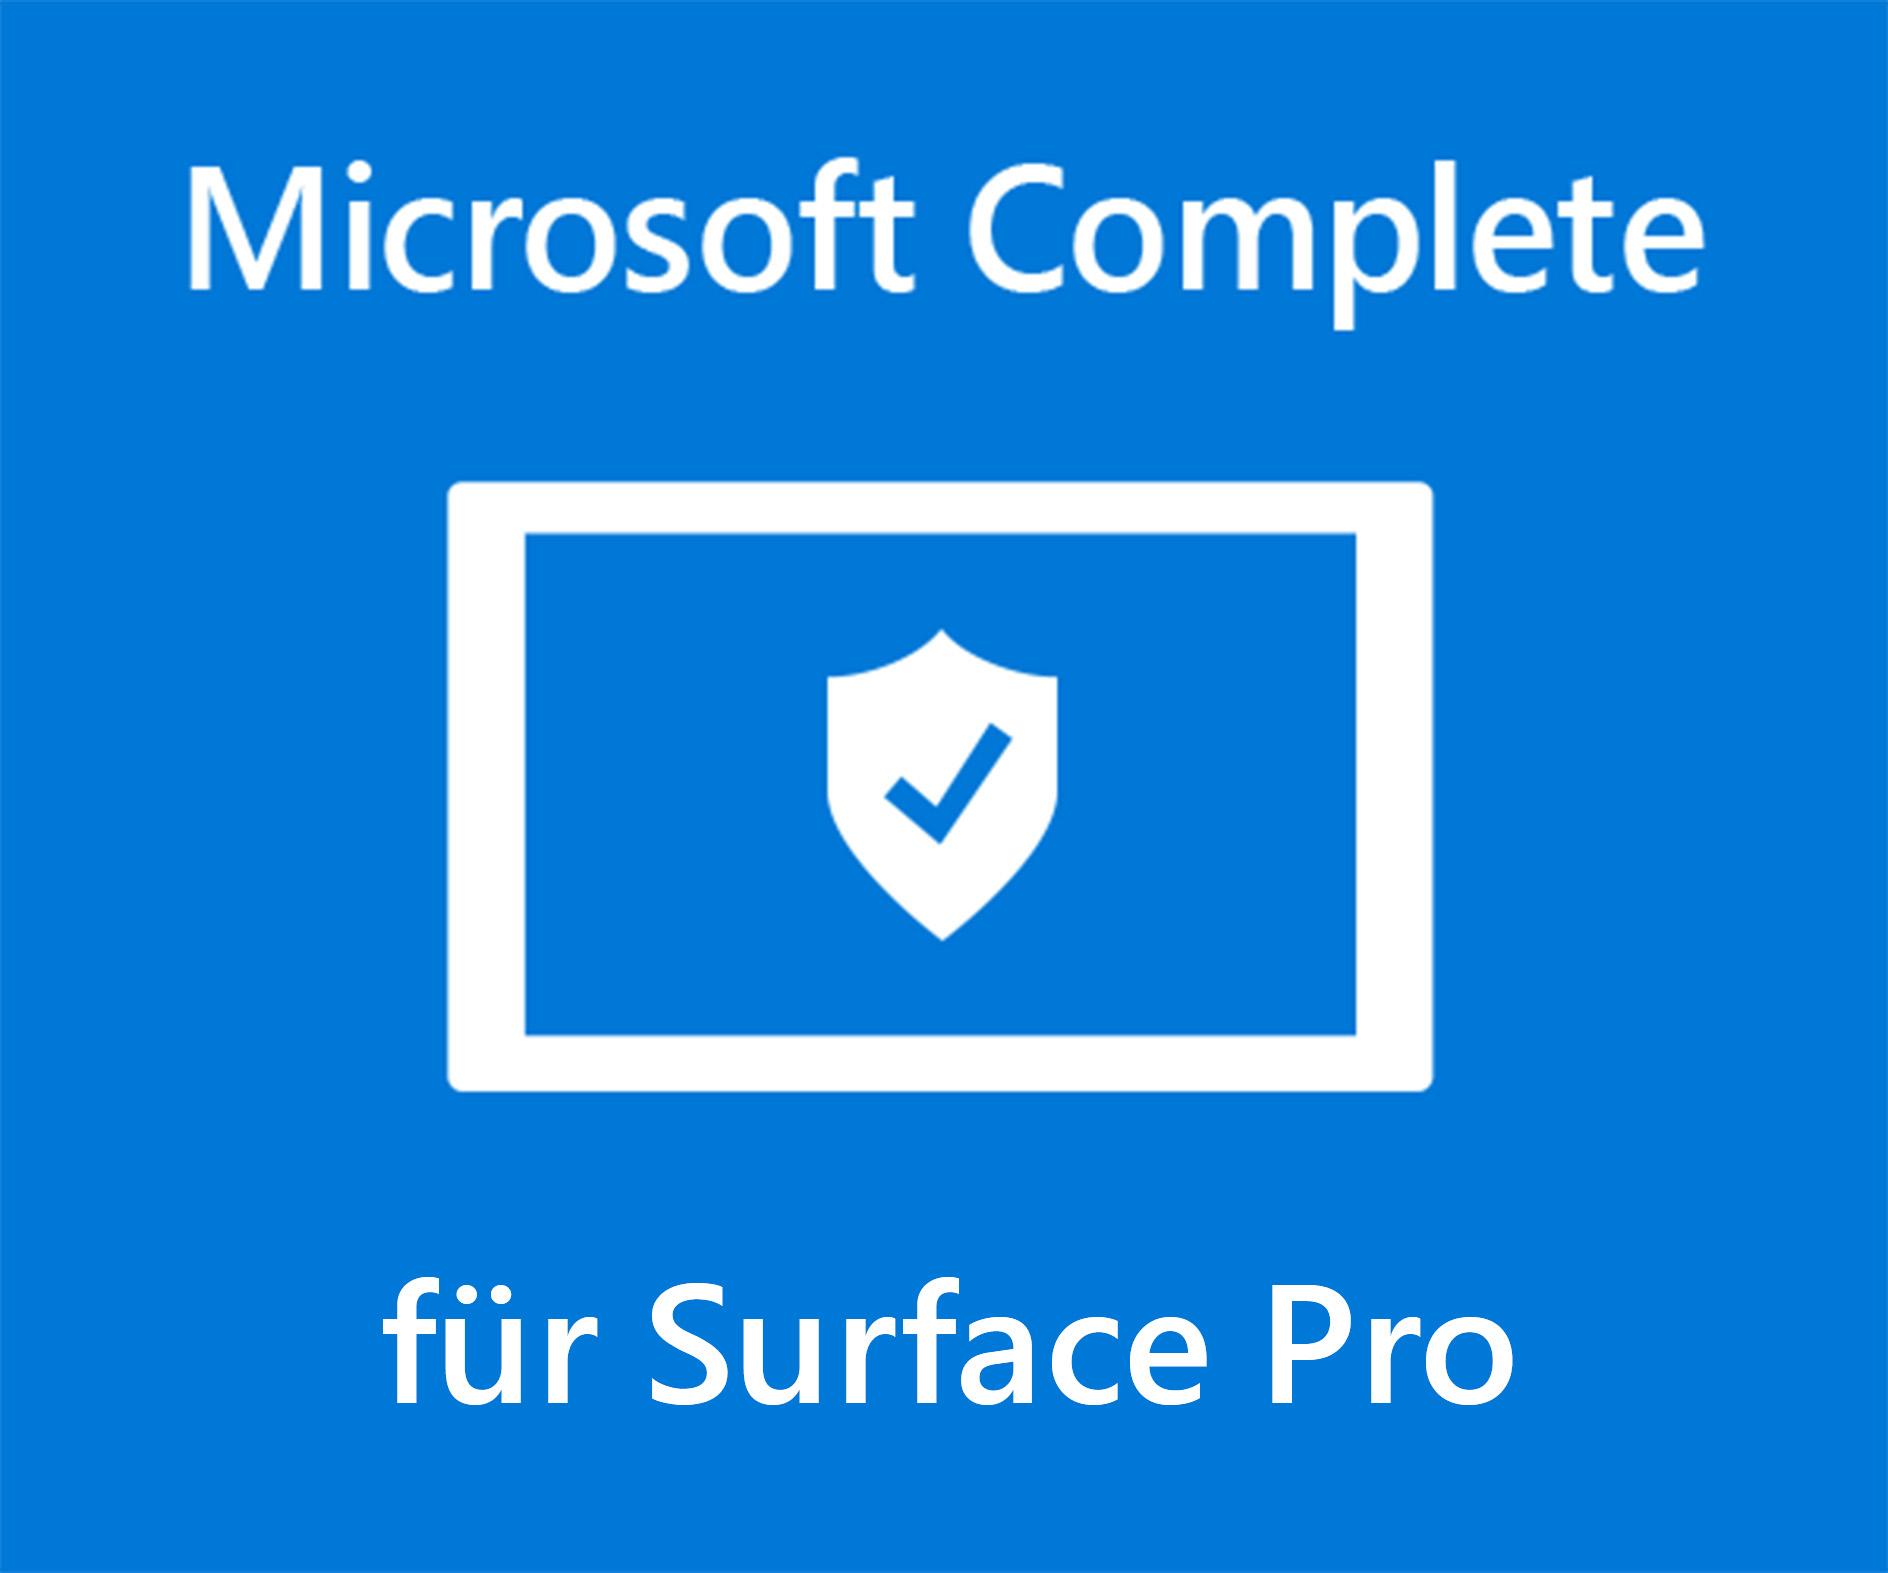 Bild Microsoft Complete für Surface Pro